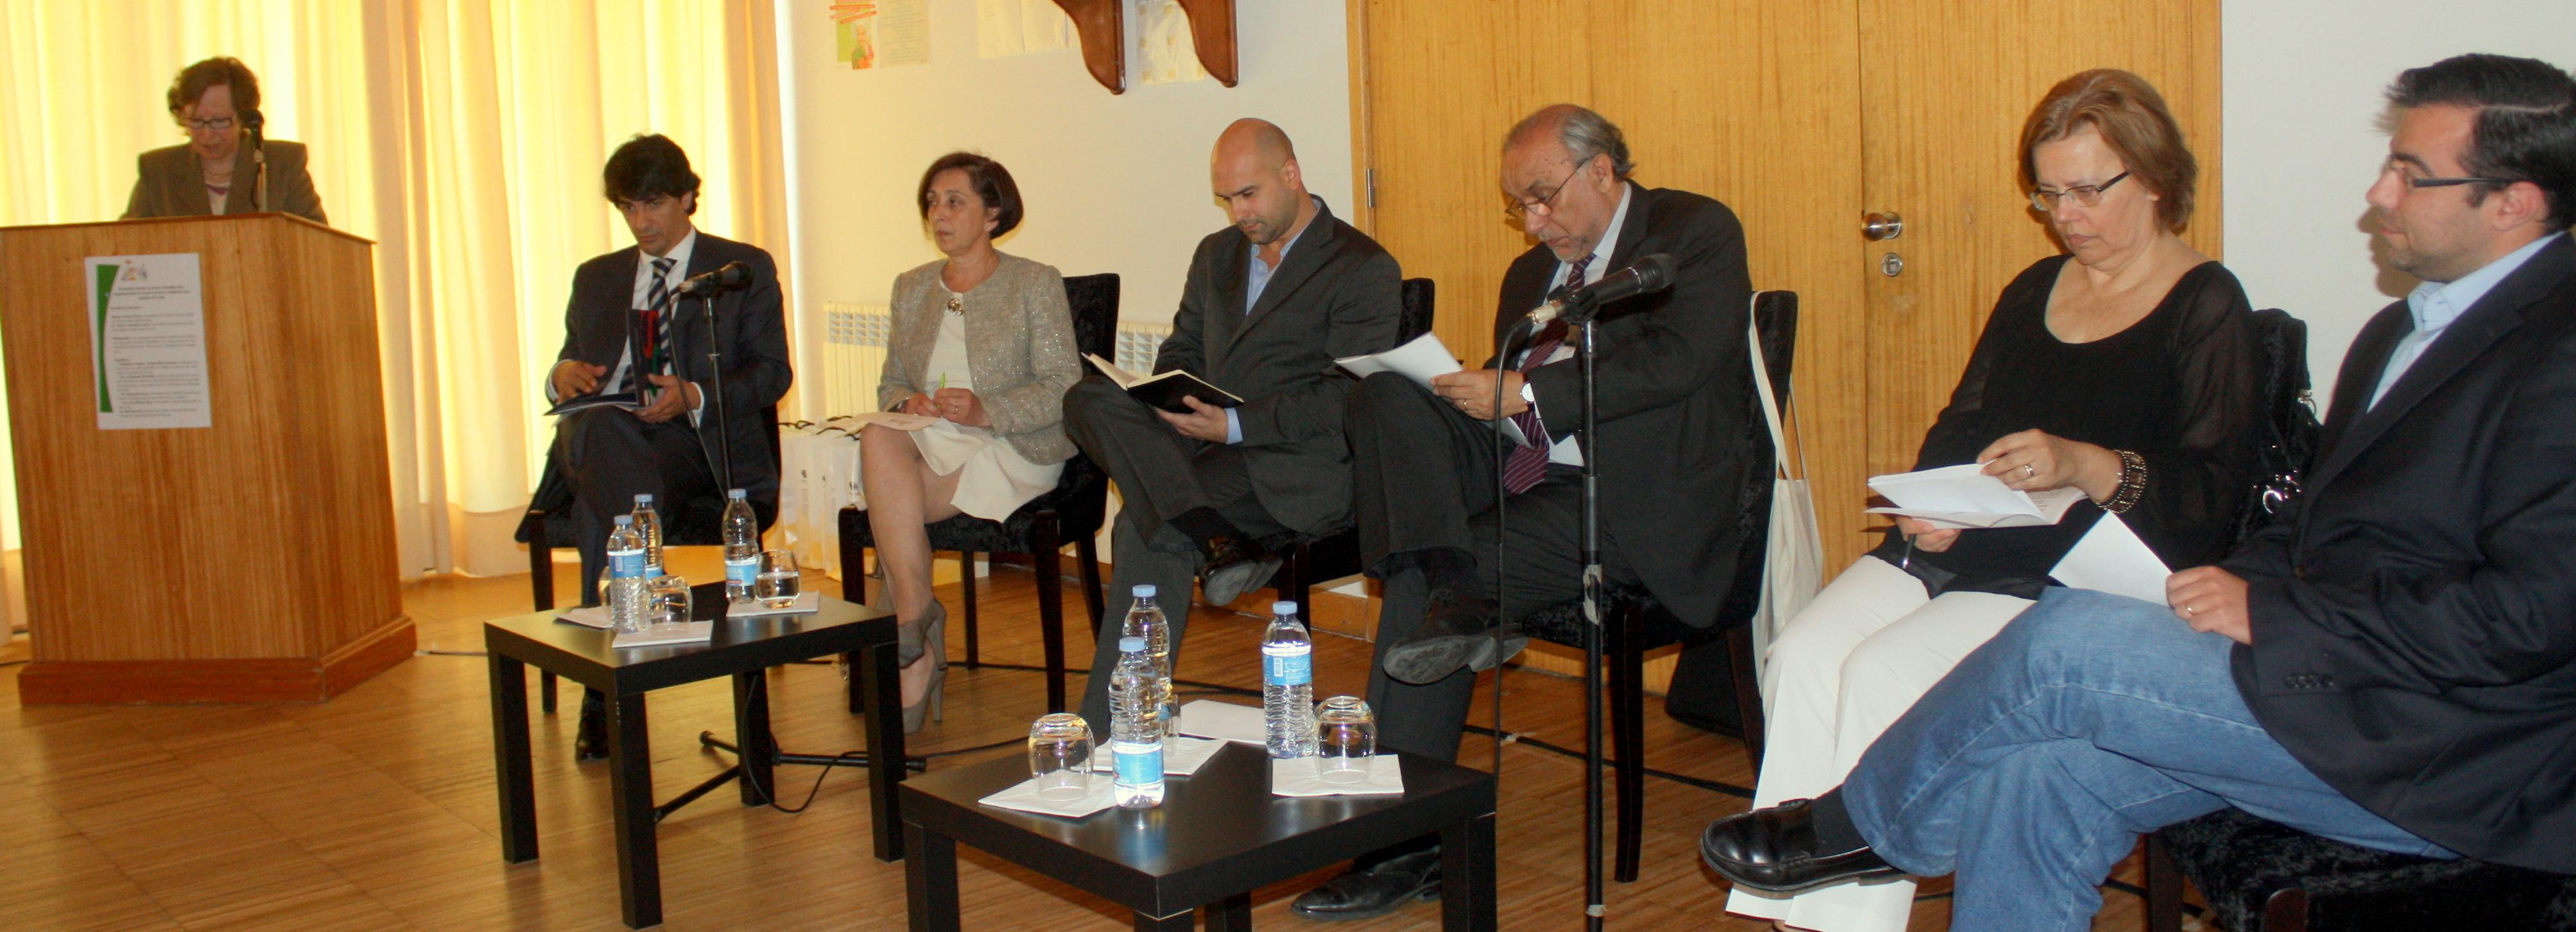 Centro Social Abel Varzim debateu economia social